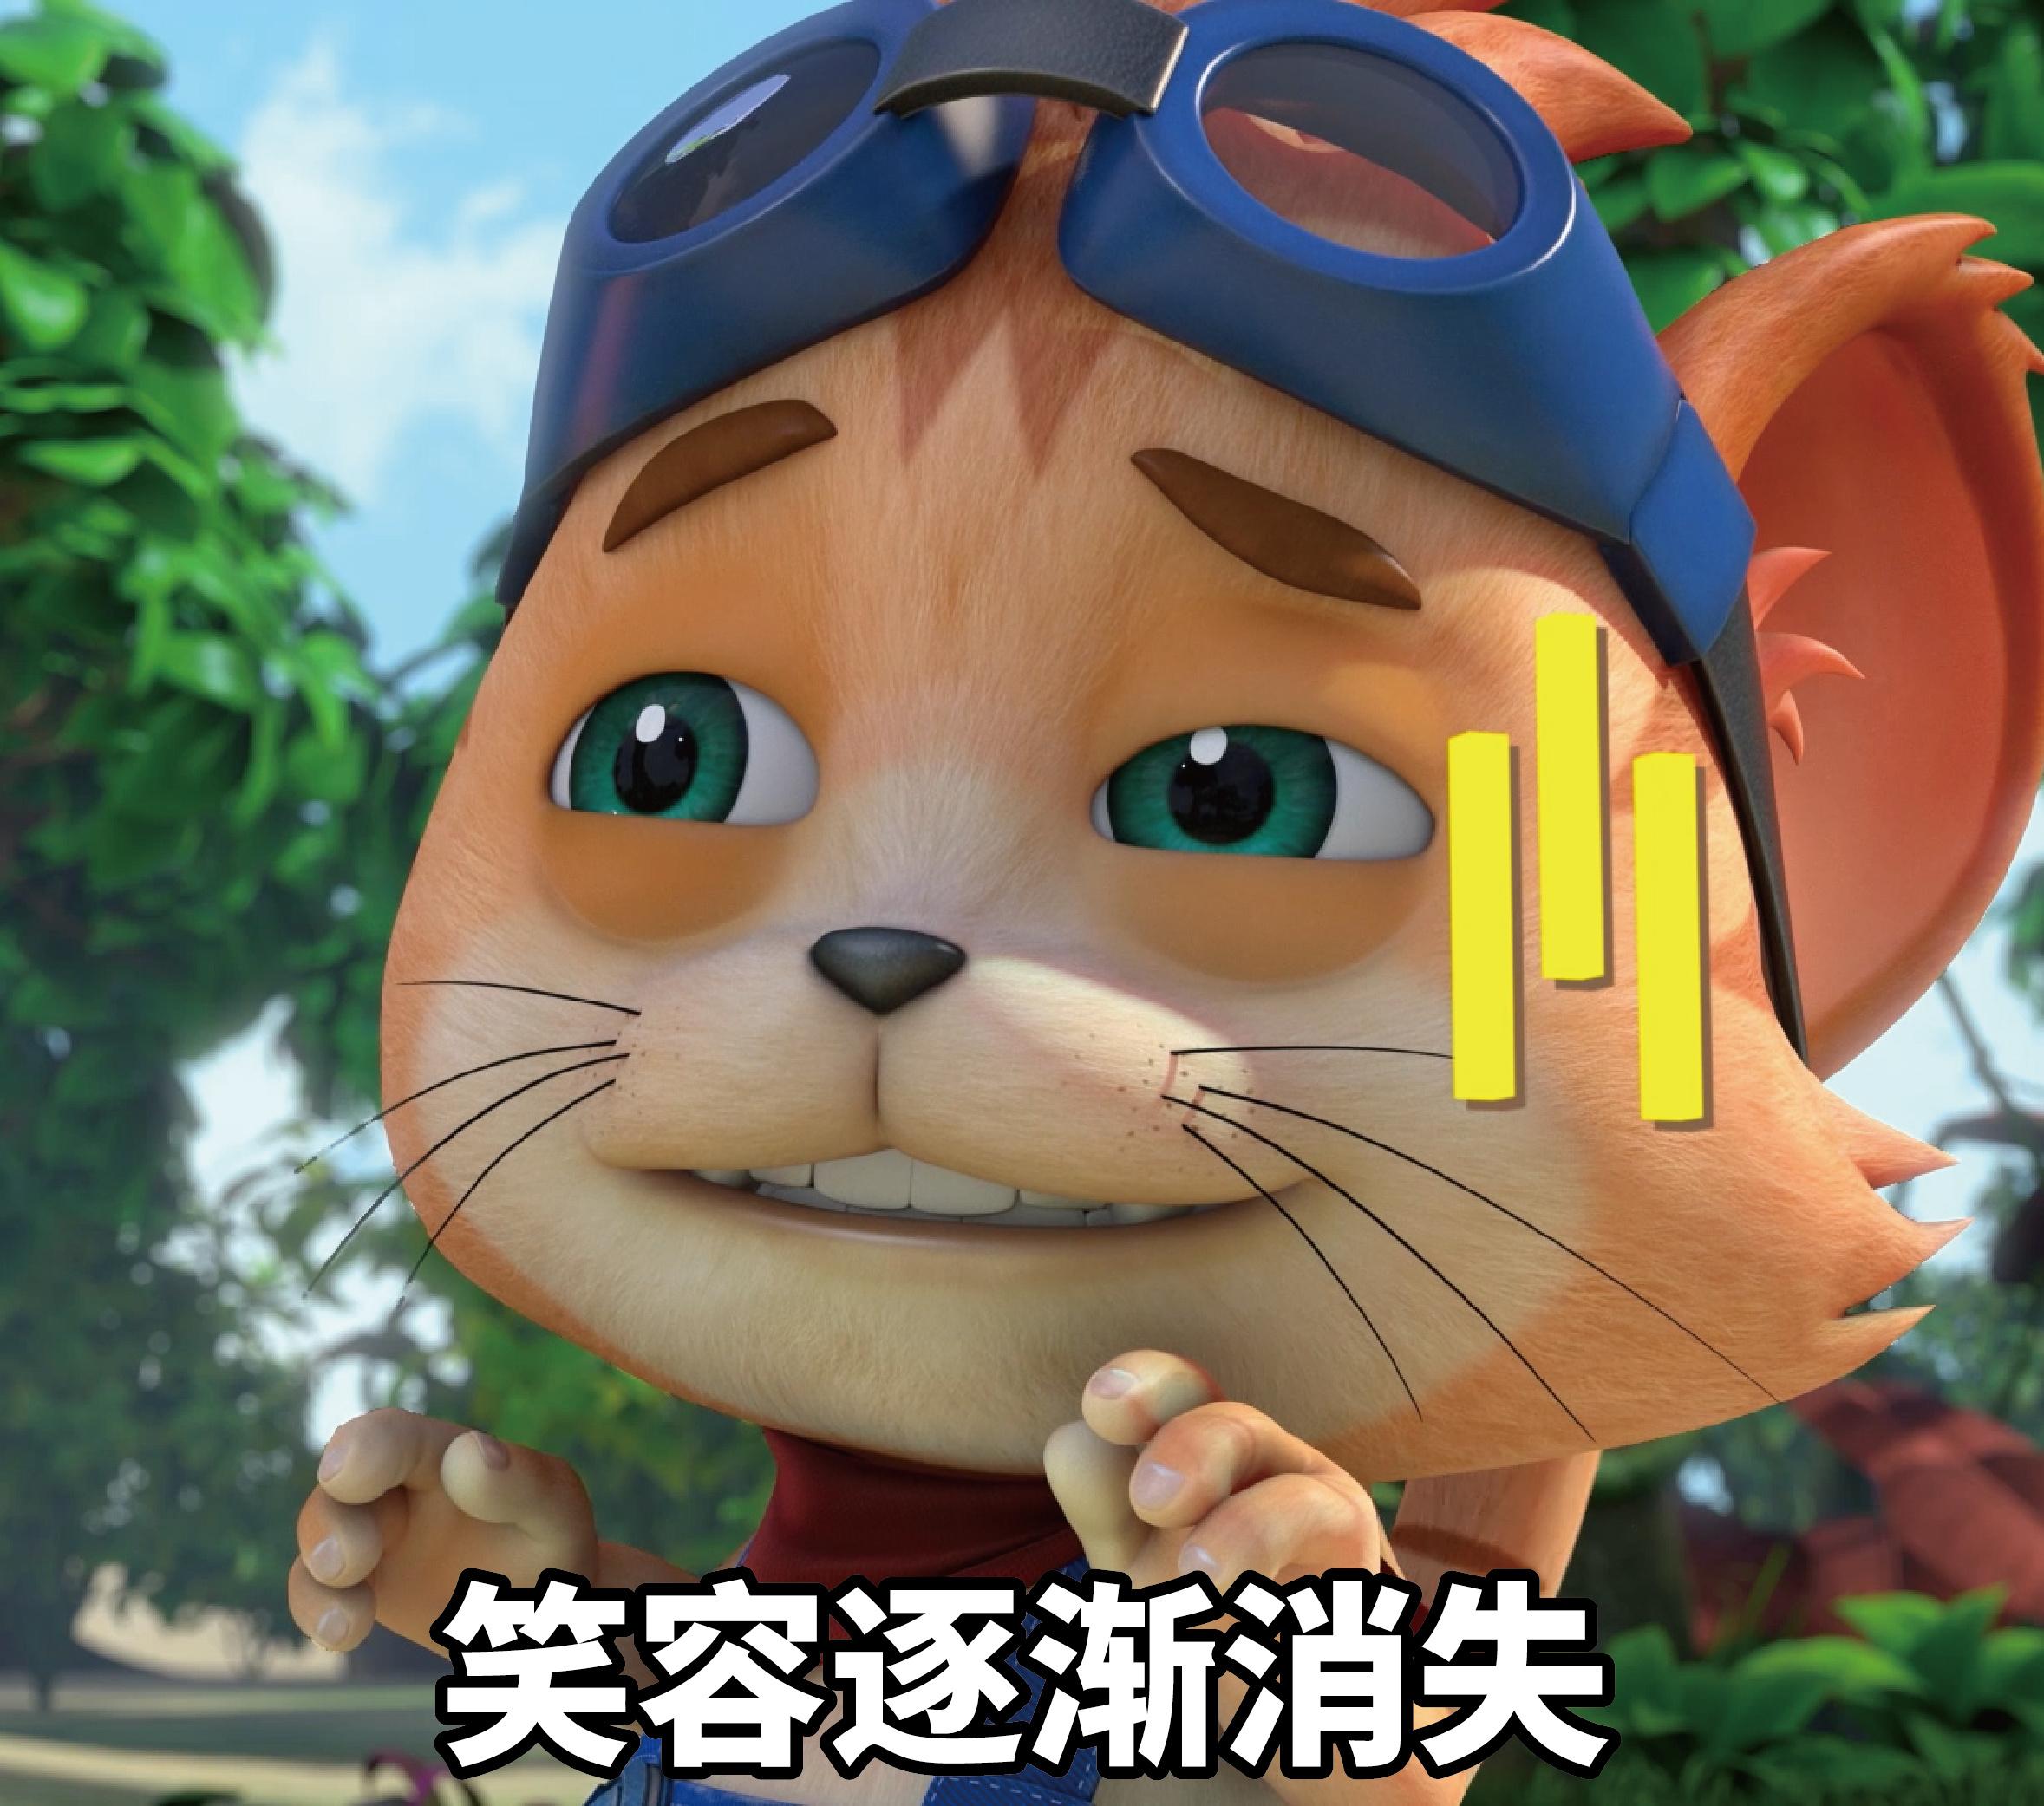 探探猫眼神:豆豆猪表情的小系统中透露出一ios9无辜包表情图片